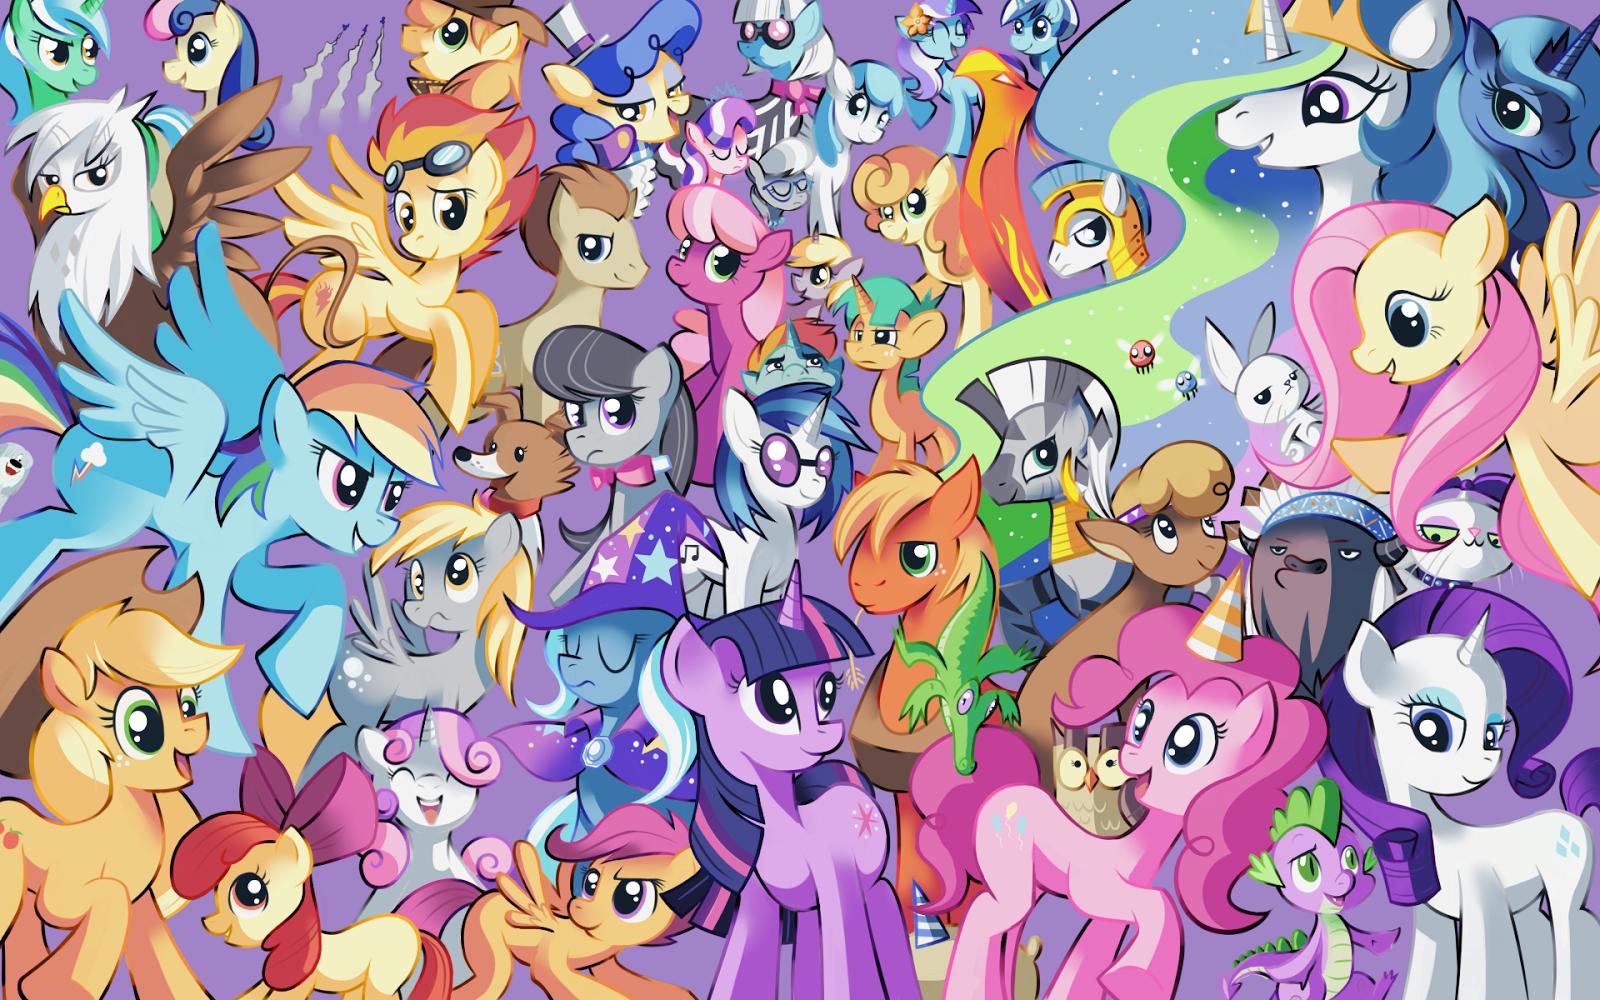 Juego de My Little Pony para colorear gratis - Juegos Xa